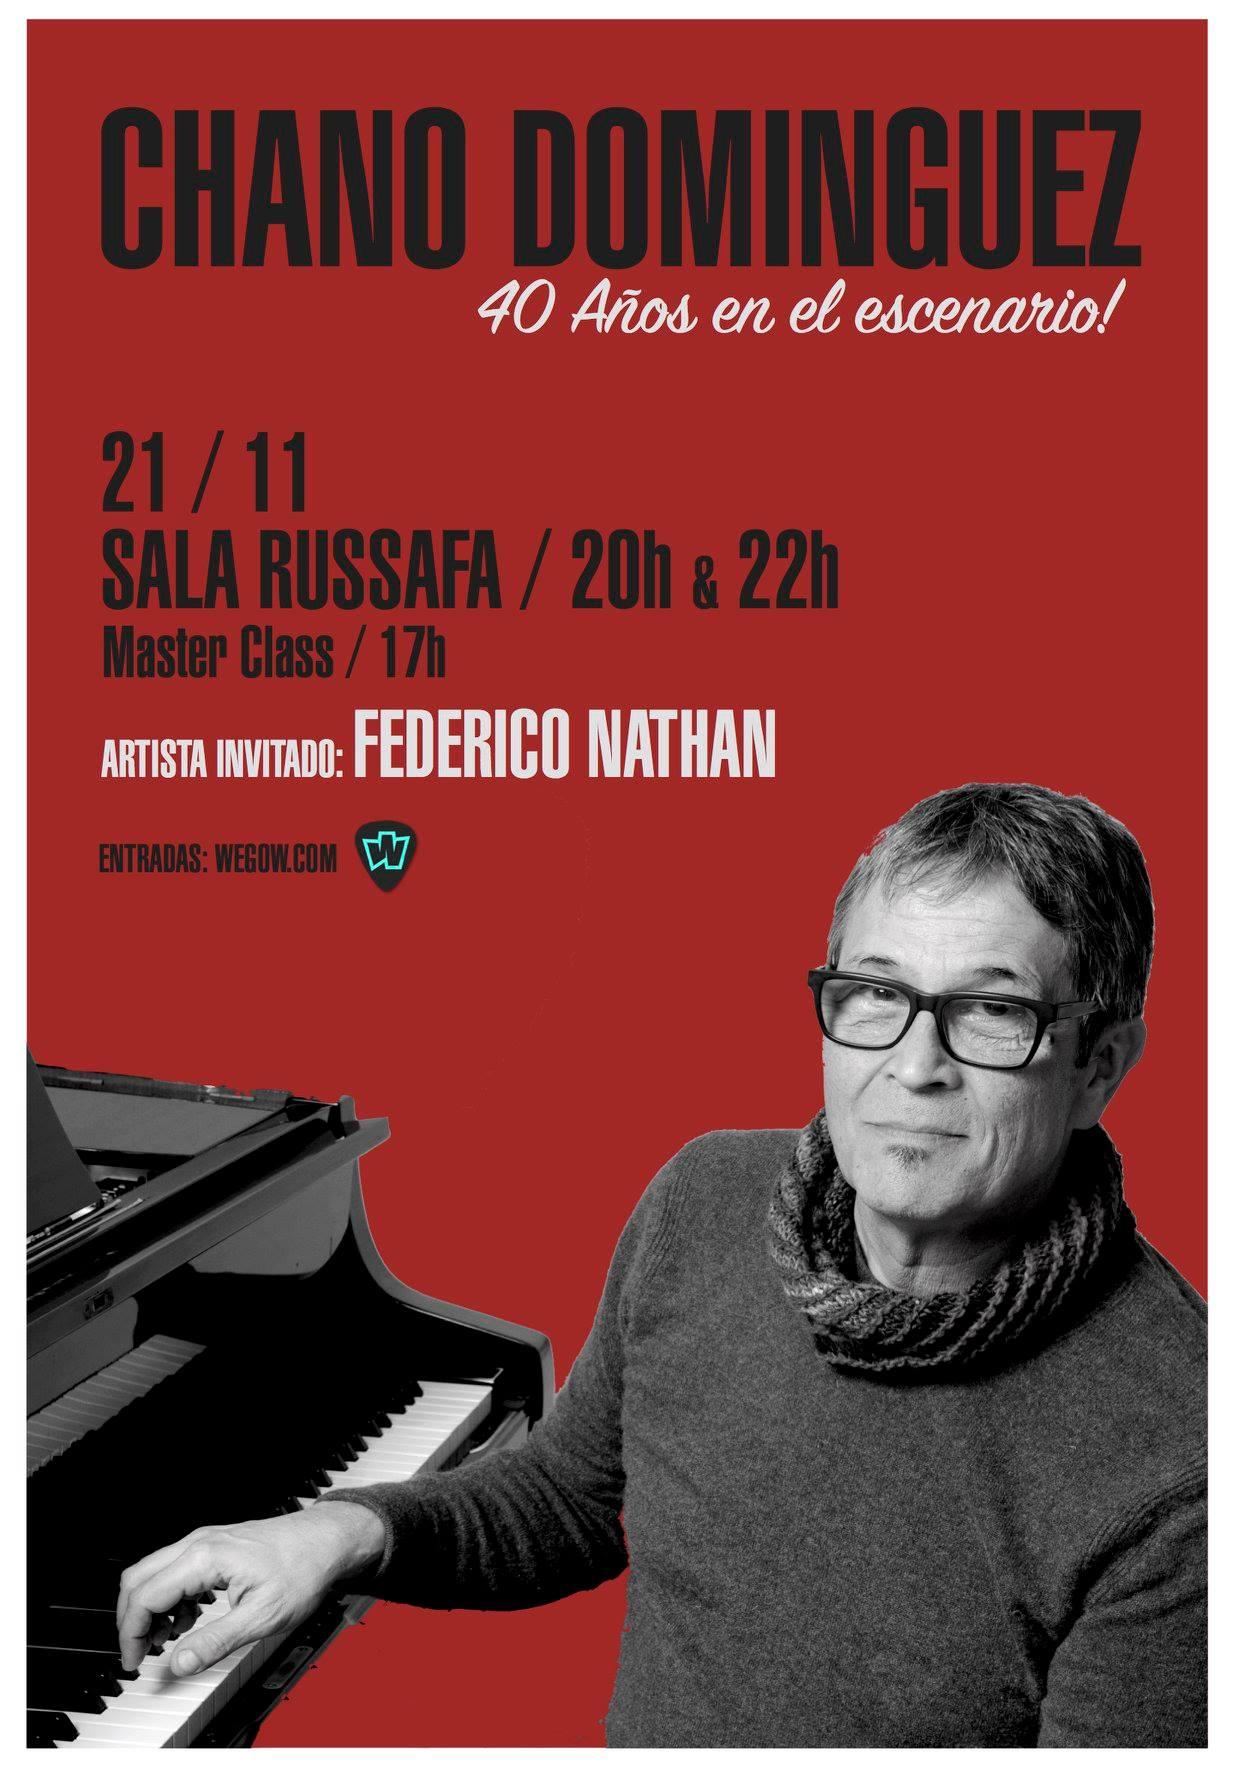 miércoles 21 de noviembre Sala Russafa CHANO DOMÍNGUEZ